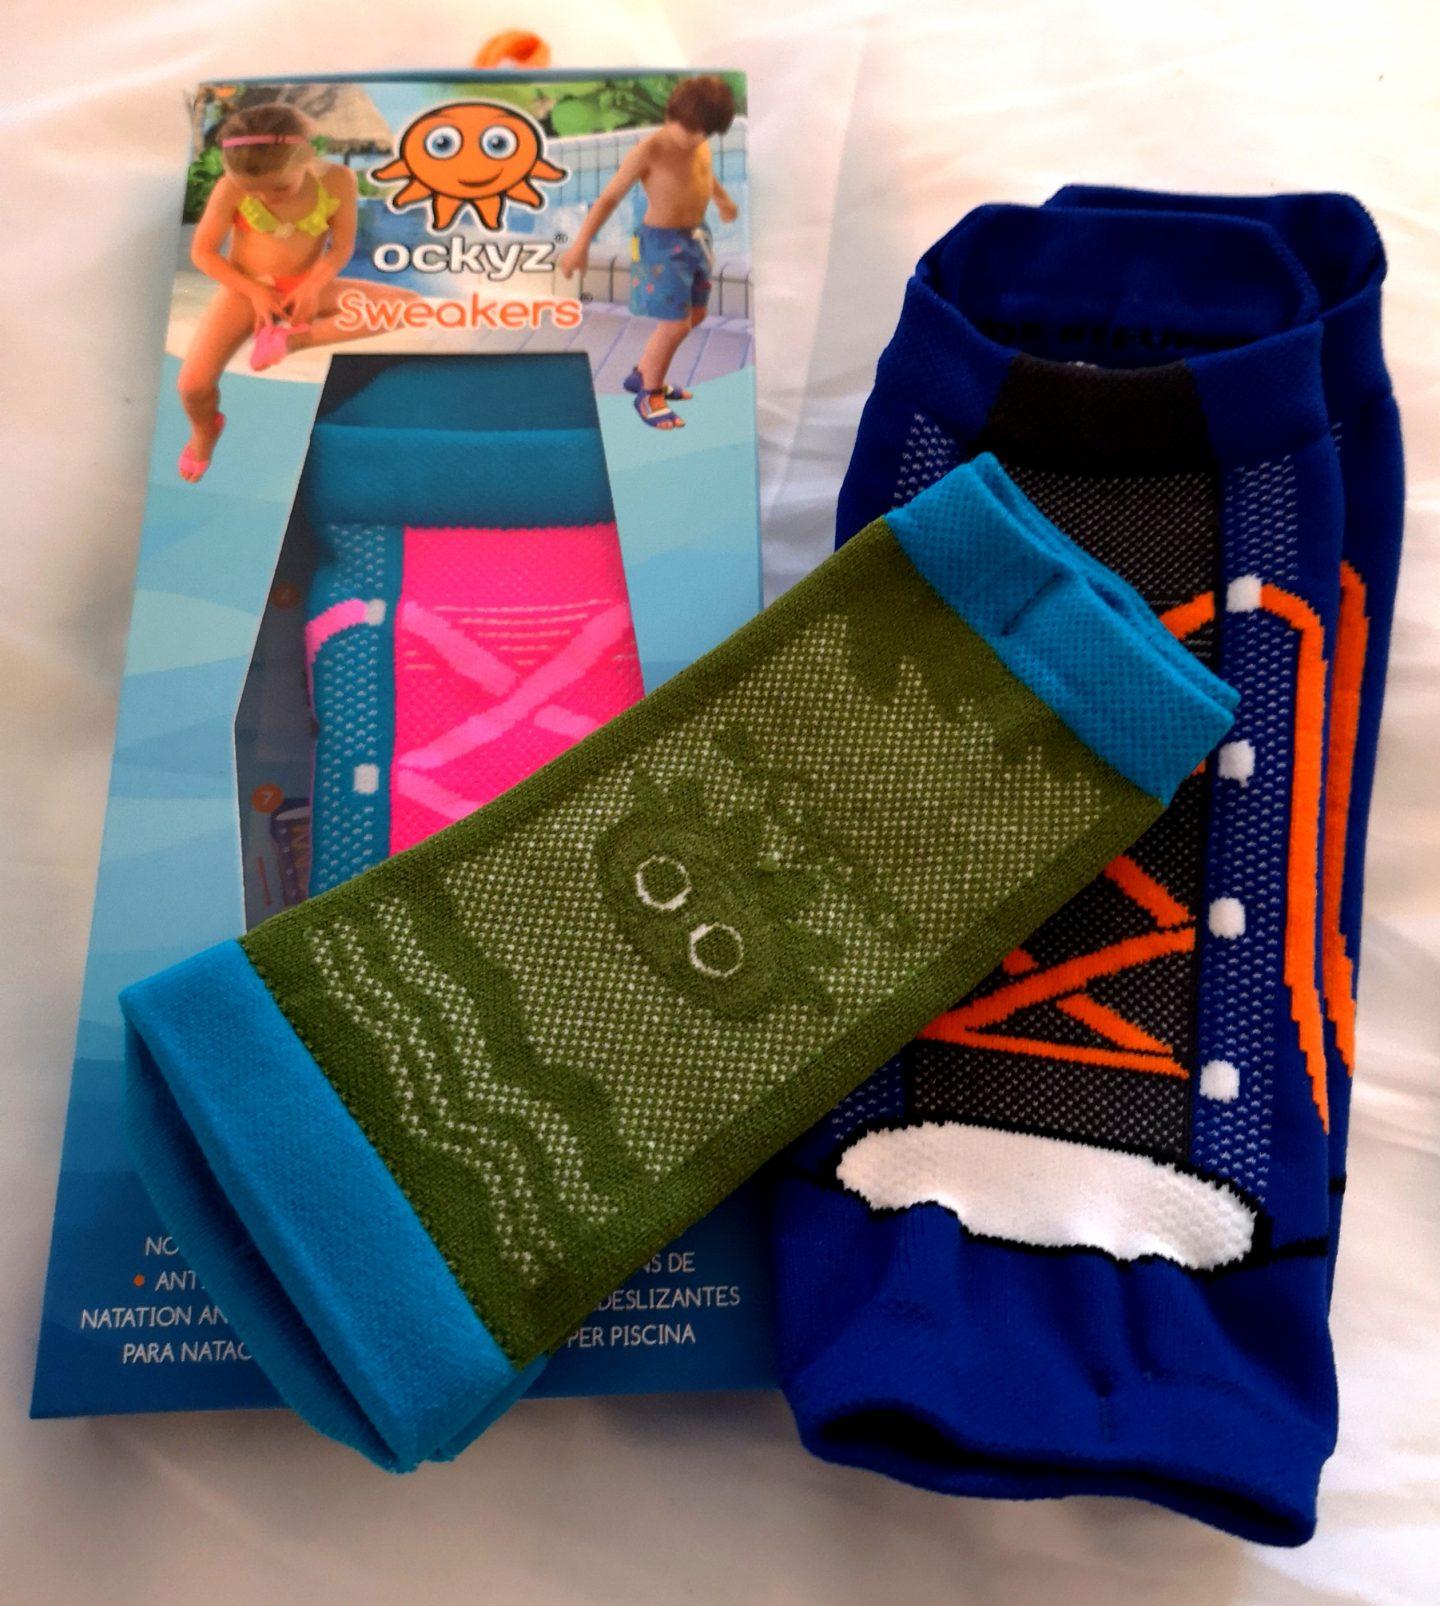 Ockyz swim socks